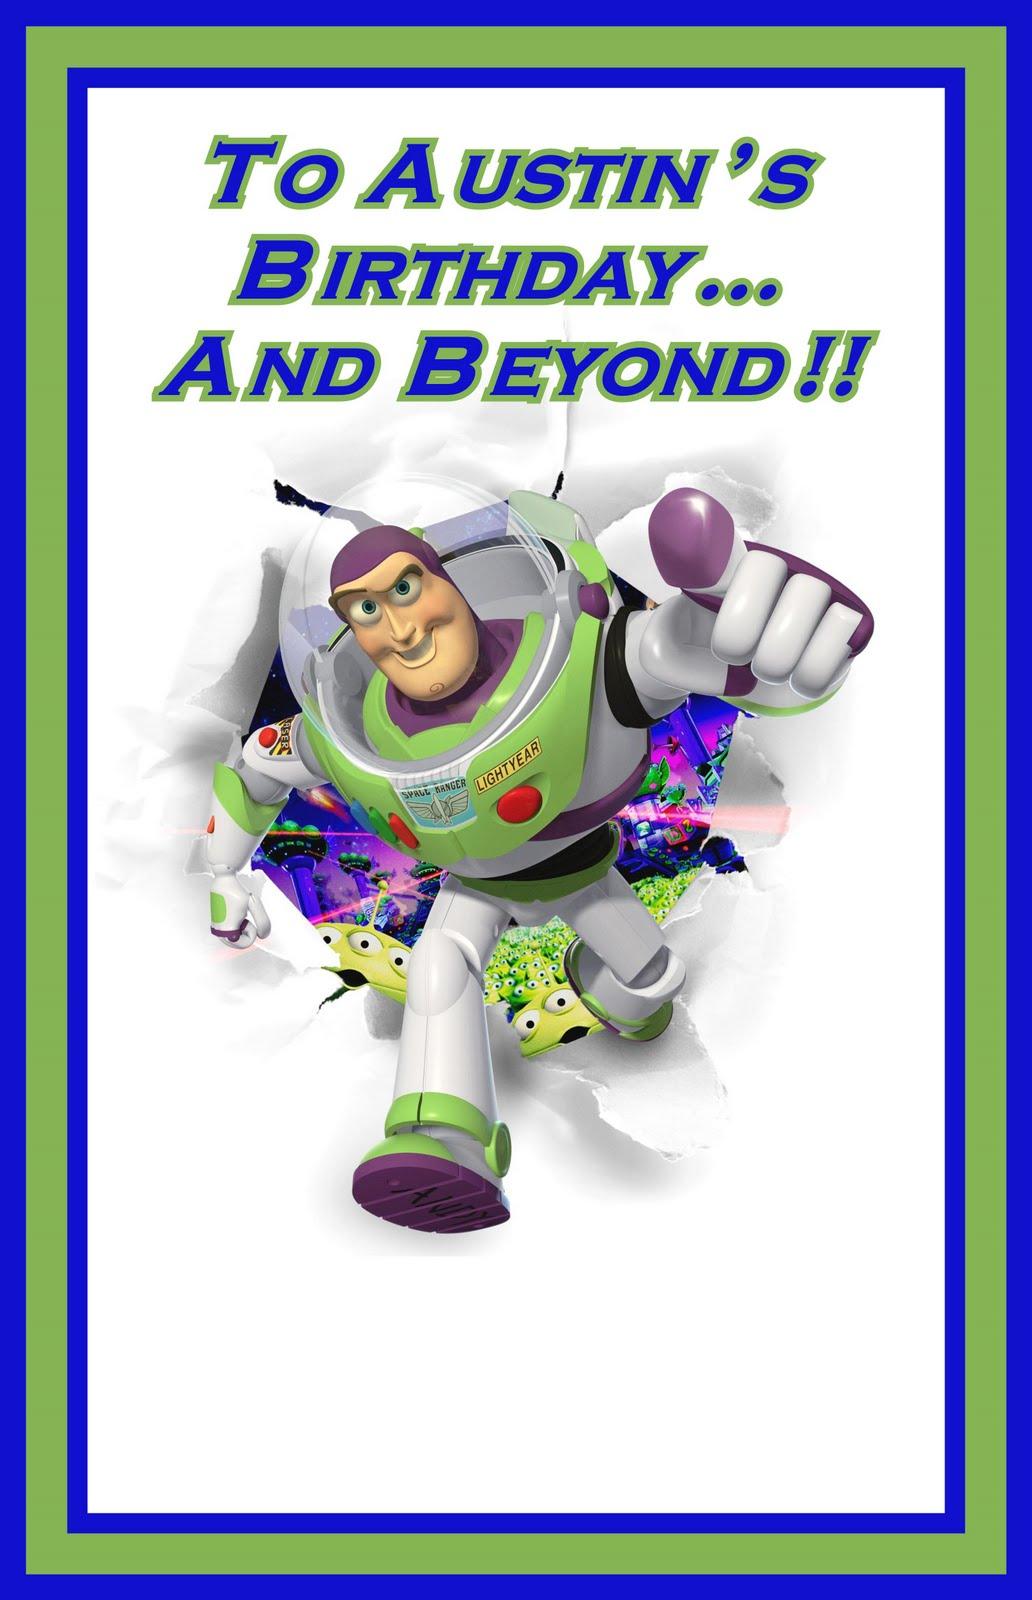 http://4.bp.blogspot.com/_6G0B1HLBZ5o/TE75ExeobcI/AAAAAAAAAjo/qoIDGn3Qt30/s1600/BI+-+Buzz+Lightyear.jpg